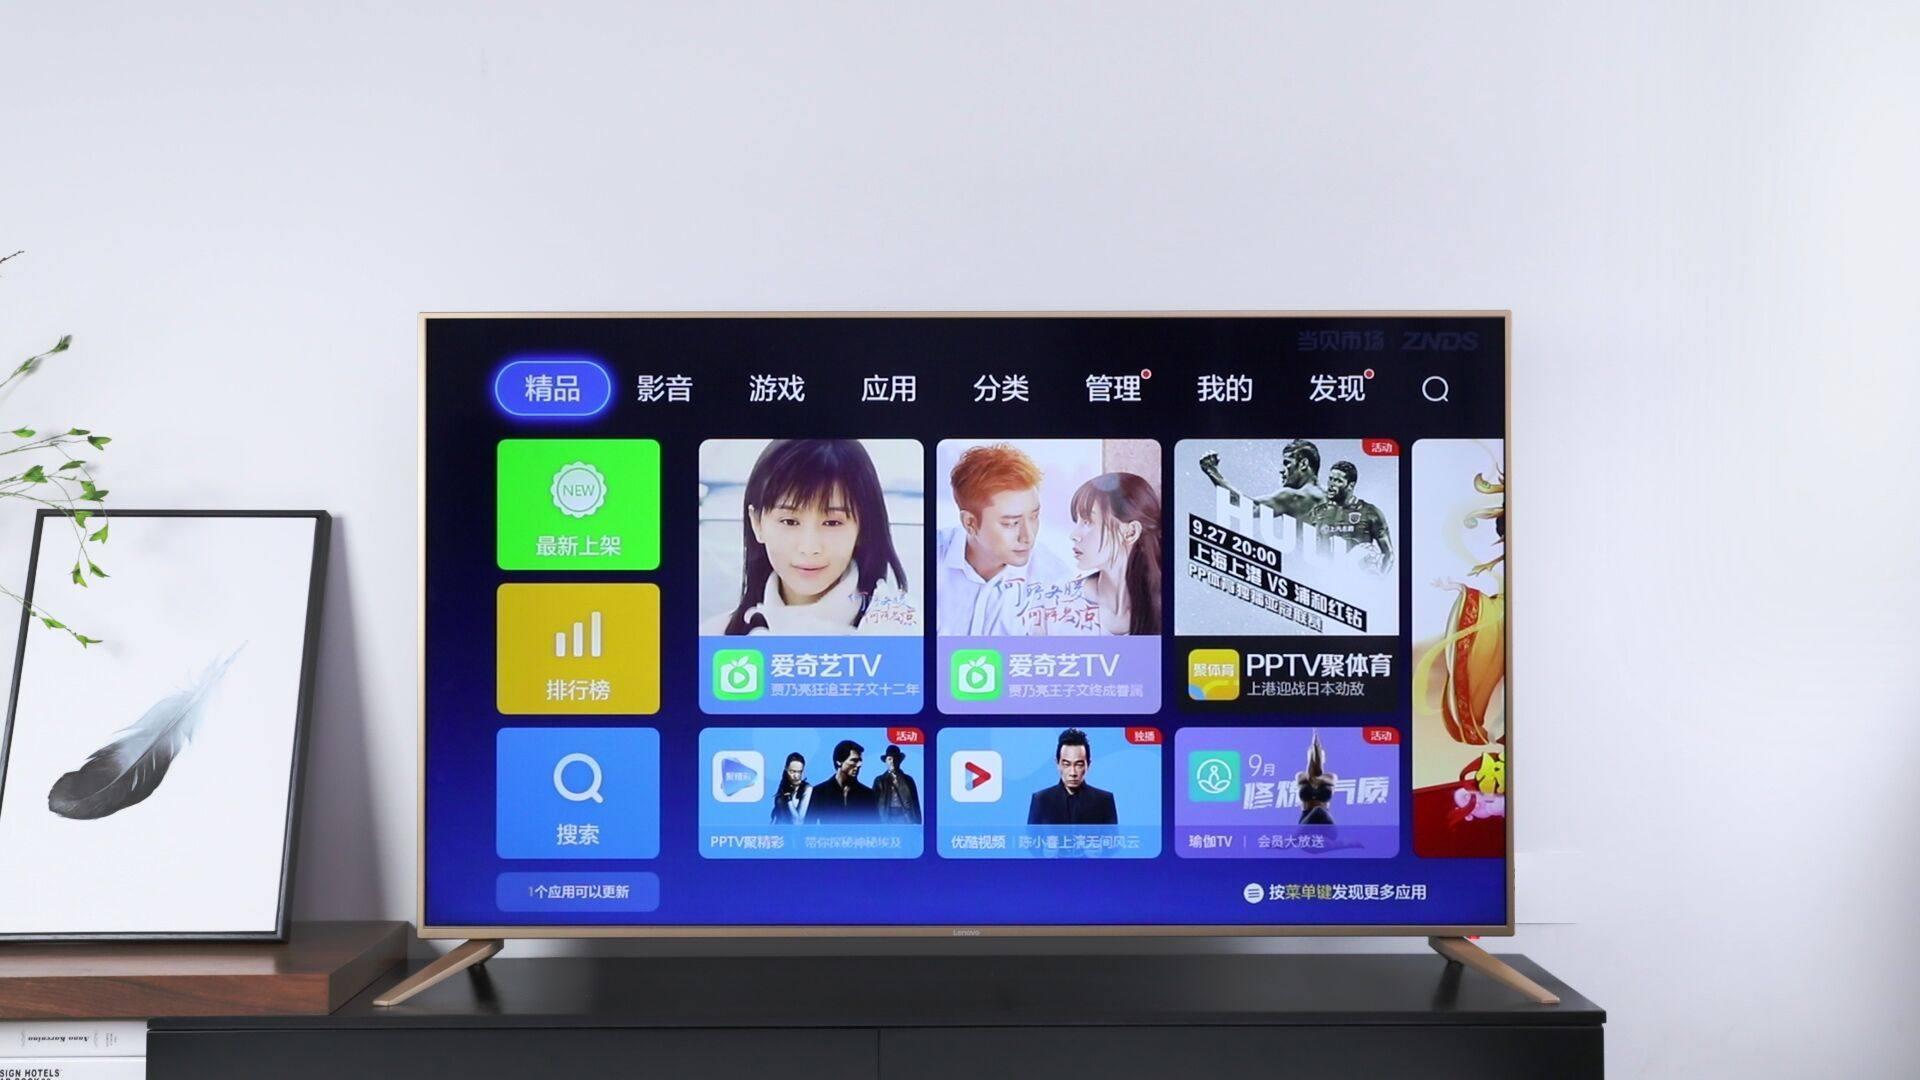 看电视的软件哪个好用?看电视哪个软件不要钱?